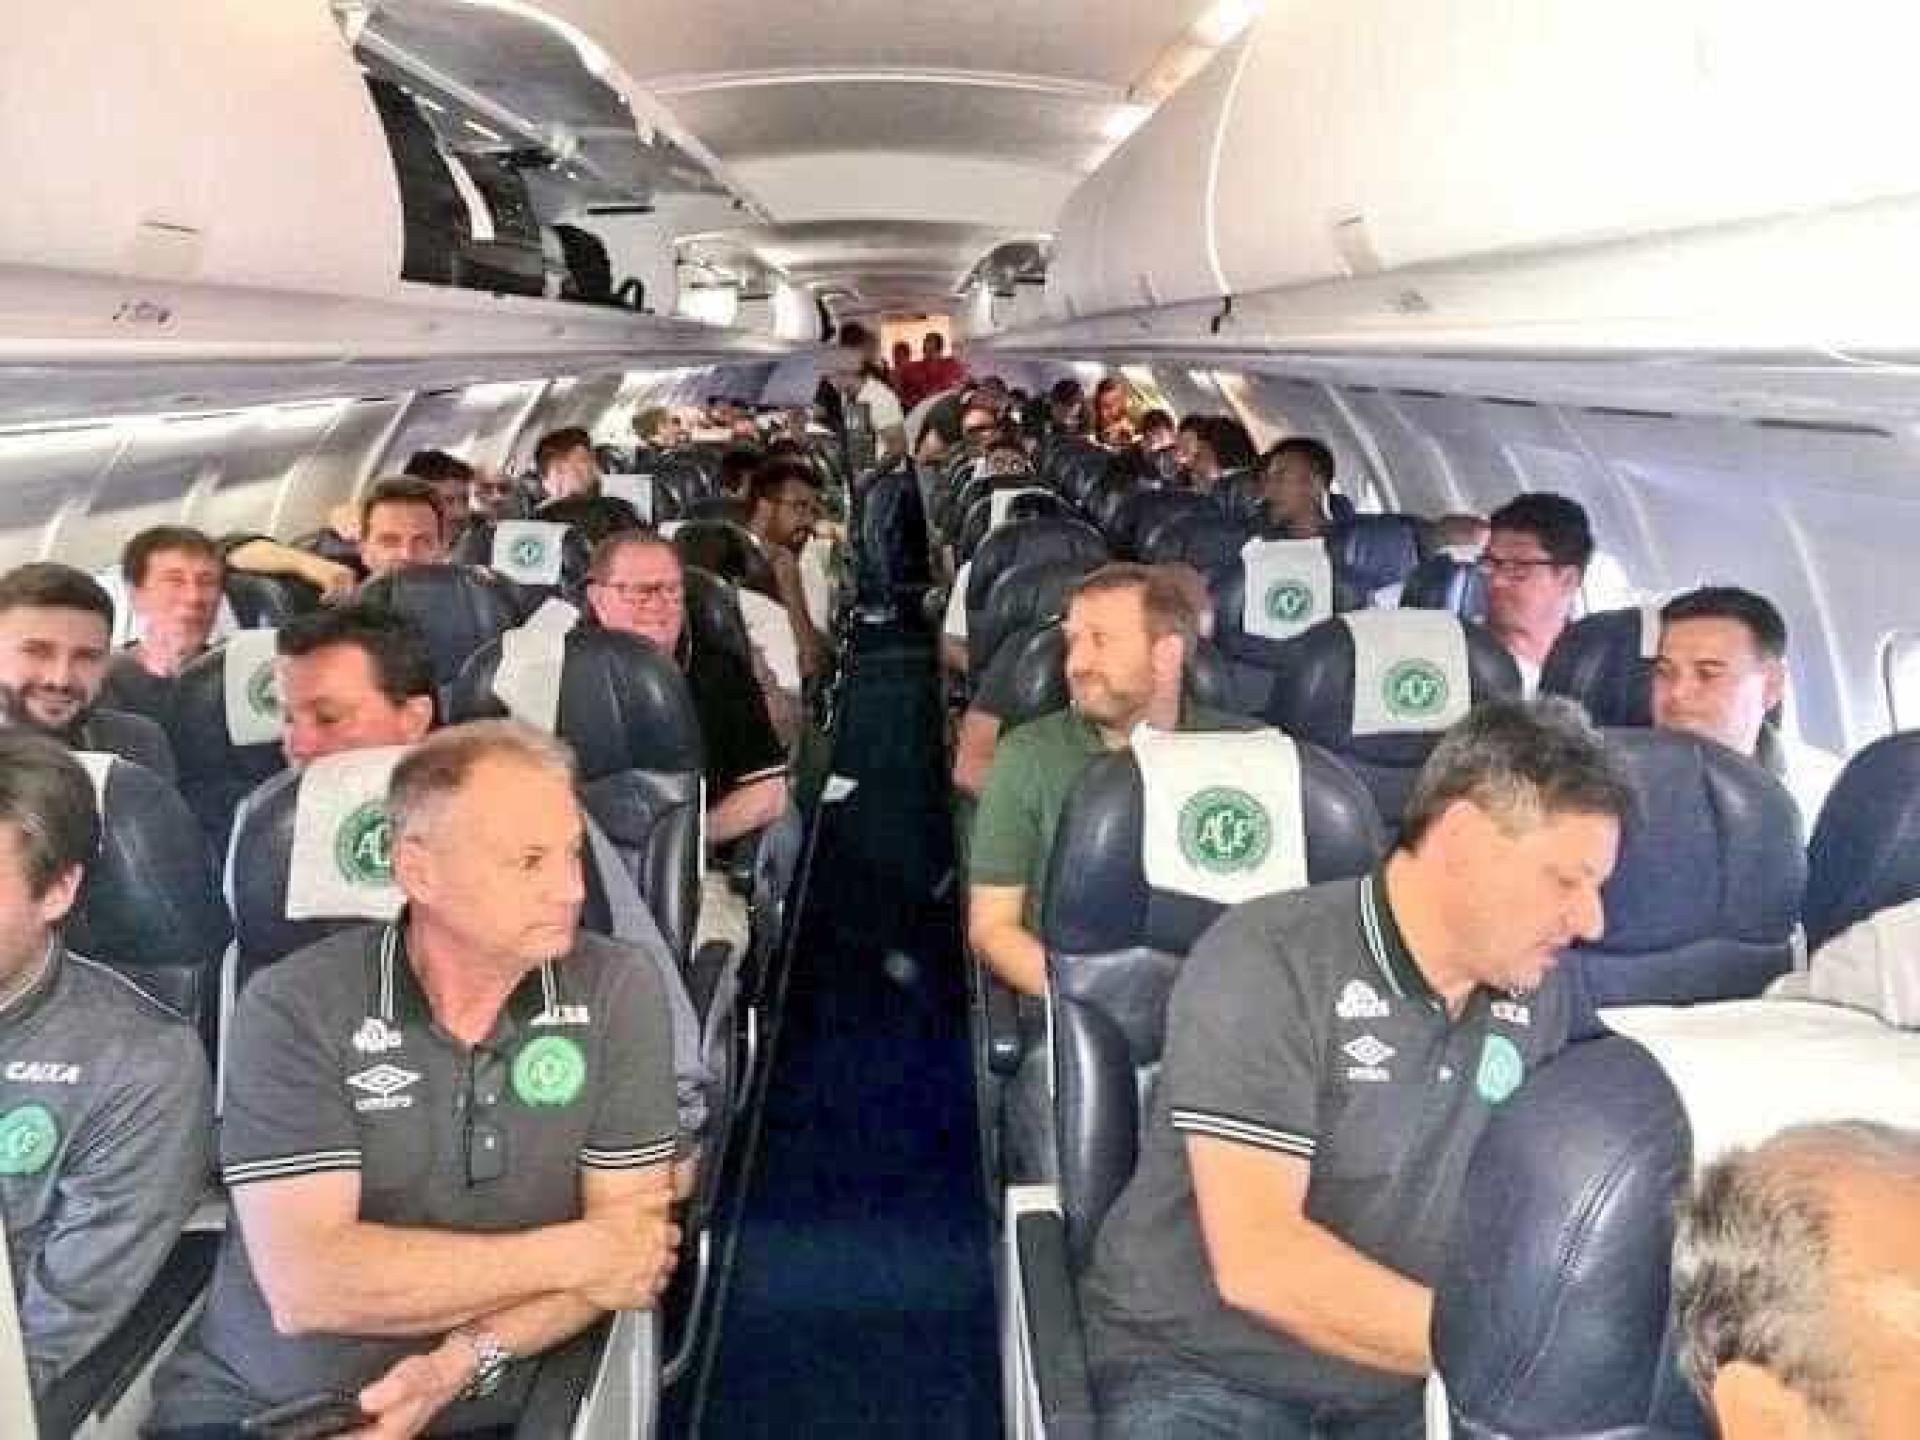 Avião com time da Chapecoense  cai na Colômbia